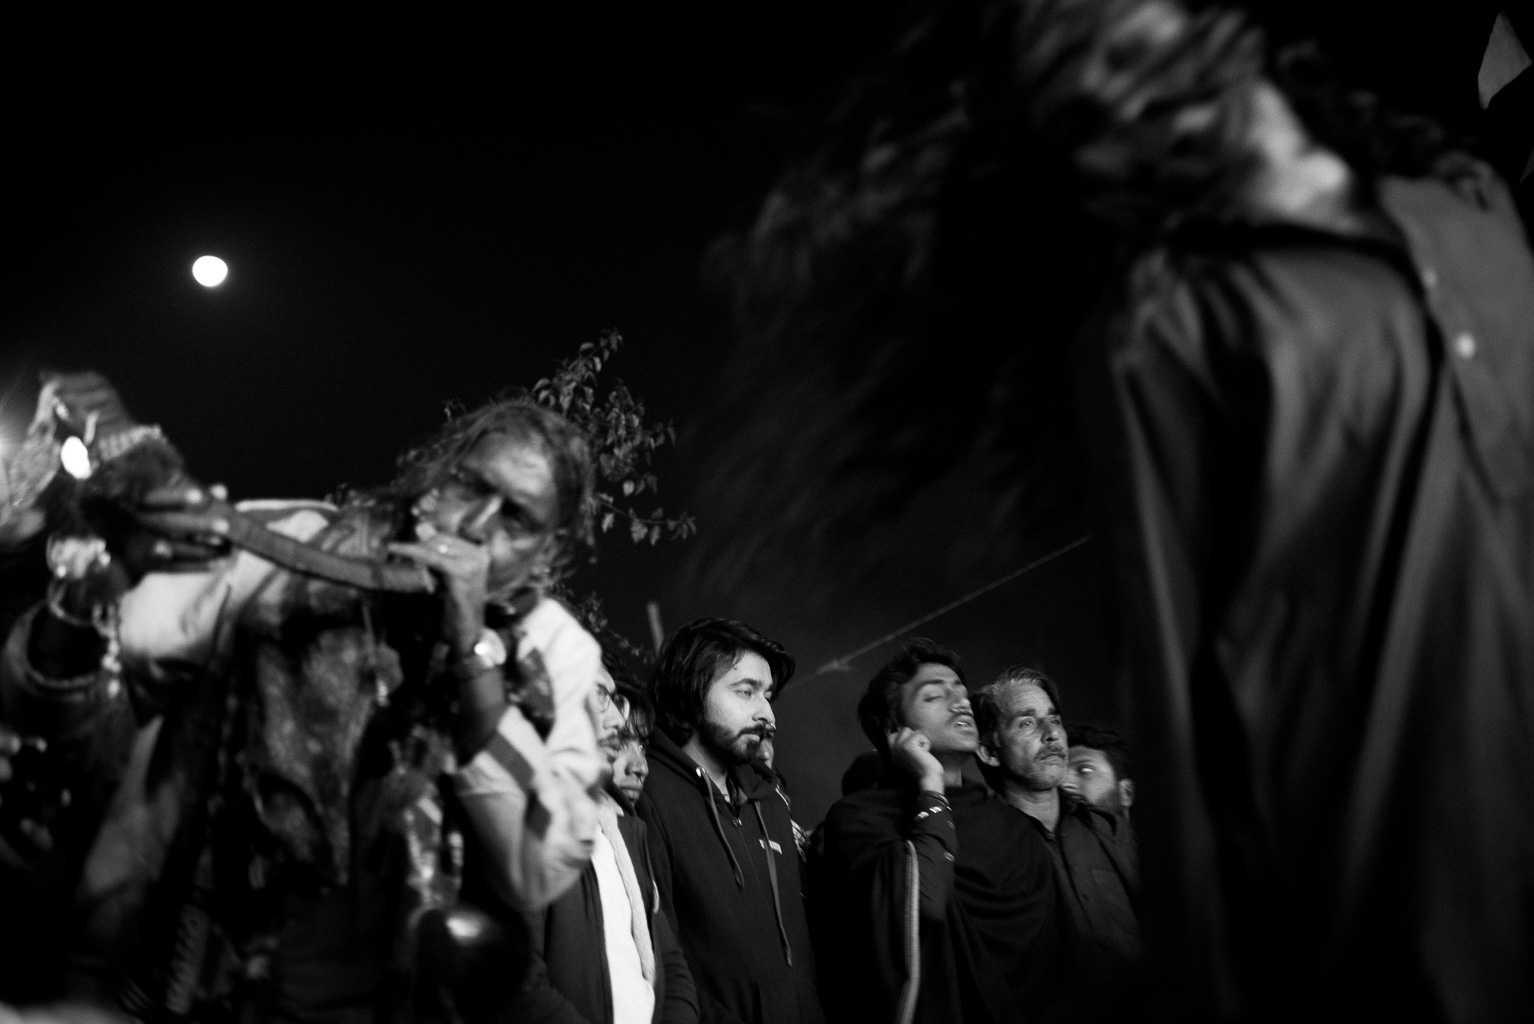 Wildes Sufi Ritual in Pakistan